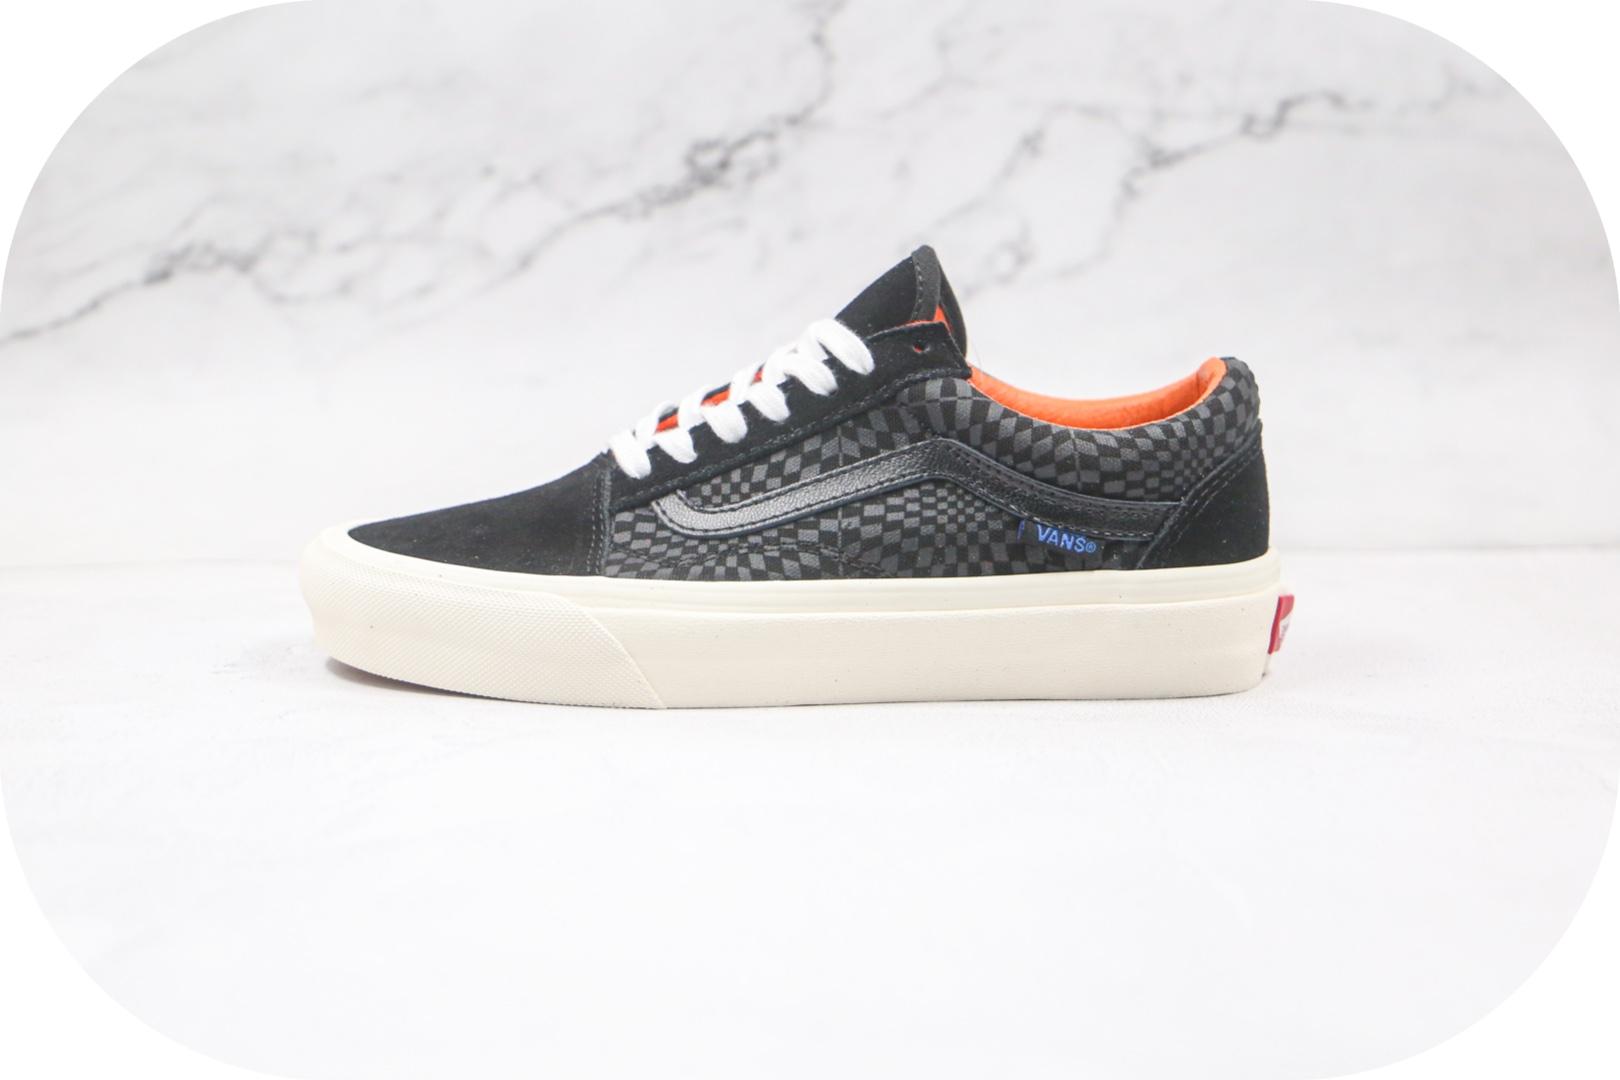 万斯Vans Vault Sidestripe公司级版本低帮夏威夷魔术贴黑色印花棋盘格图案板鞋原楦头纸板打造